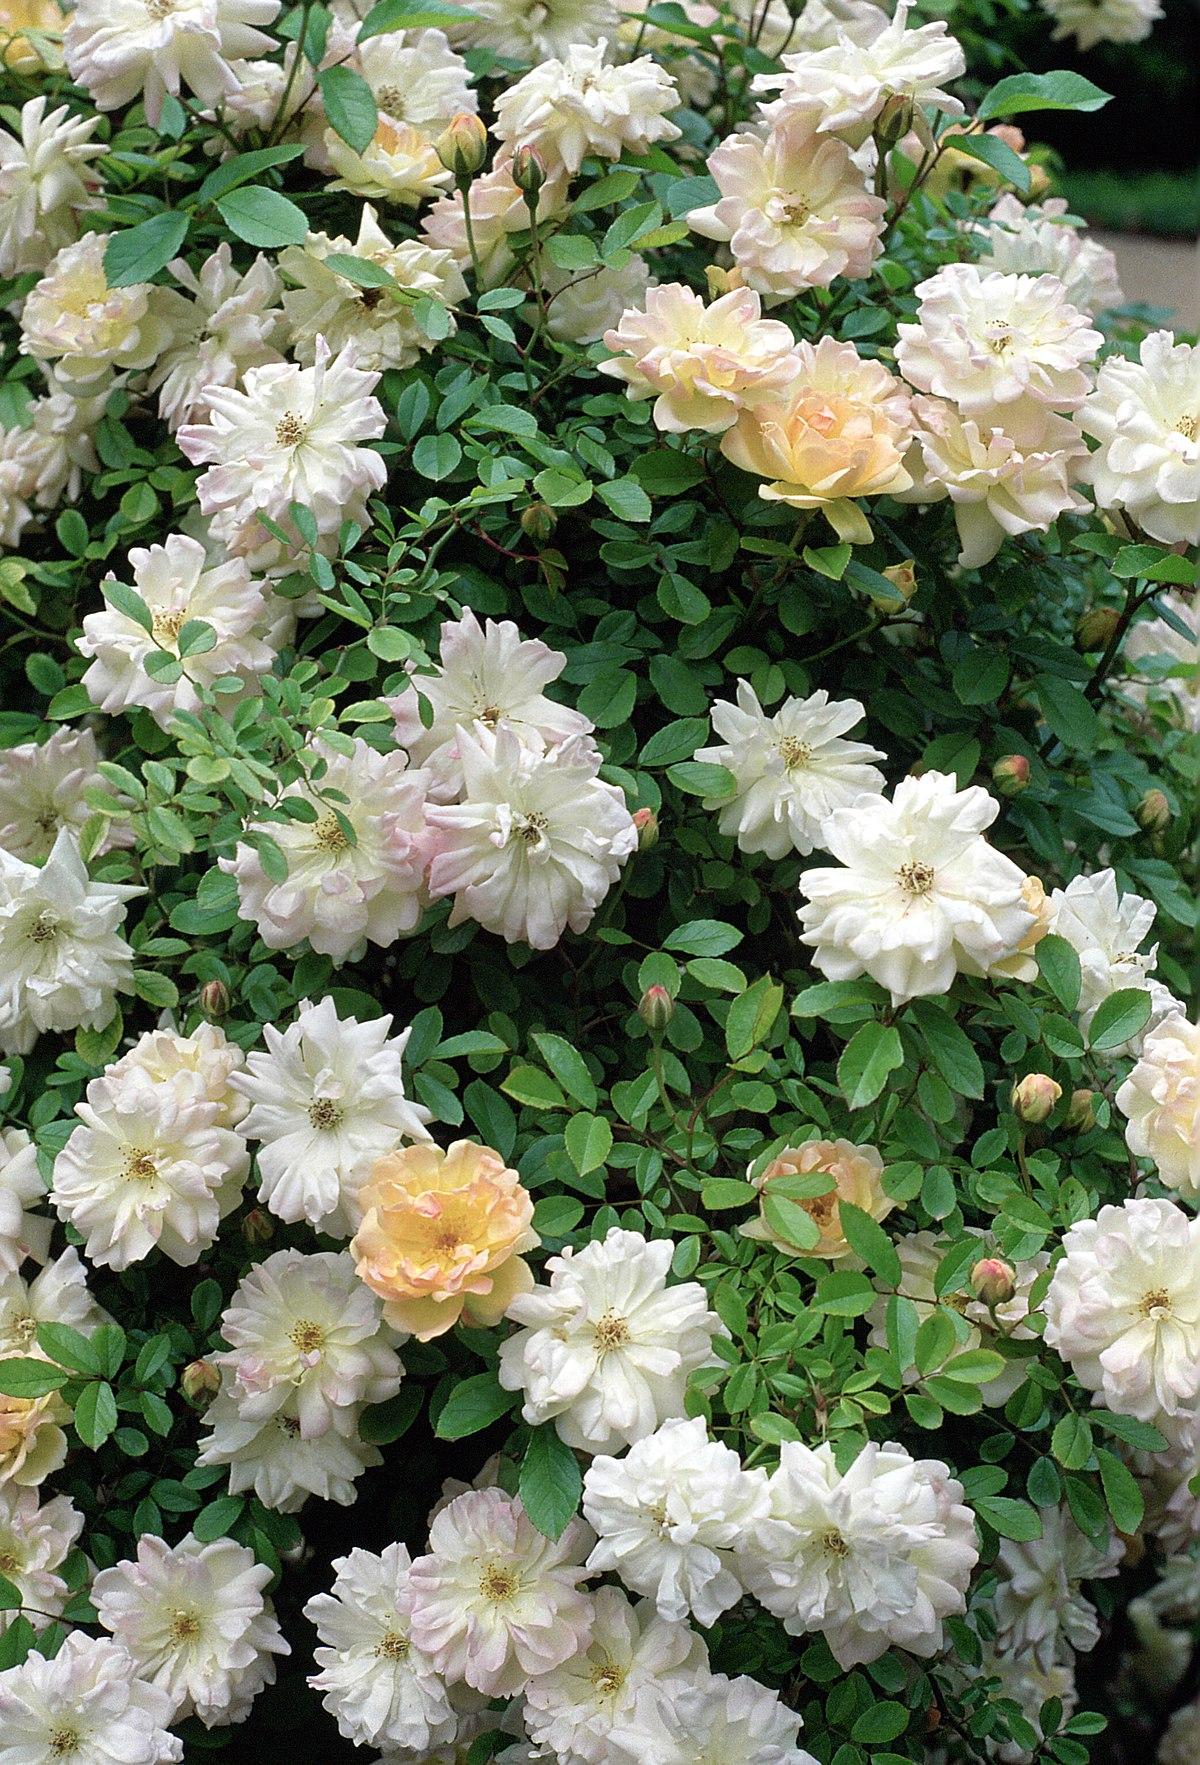 Rosa planta wikipedia for Plantas ornamentales wikipedia